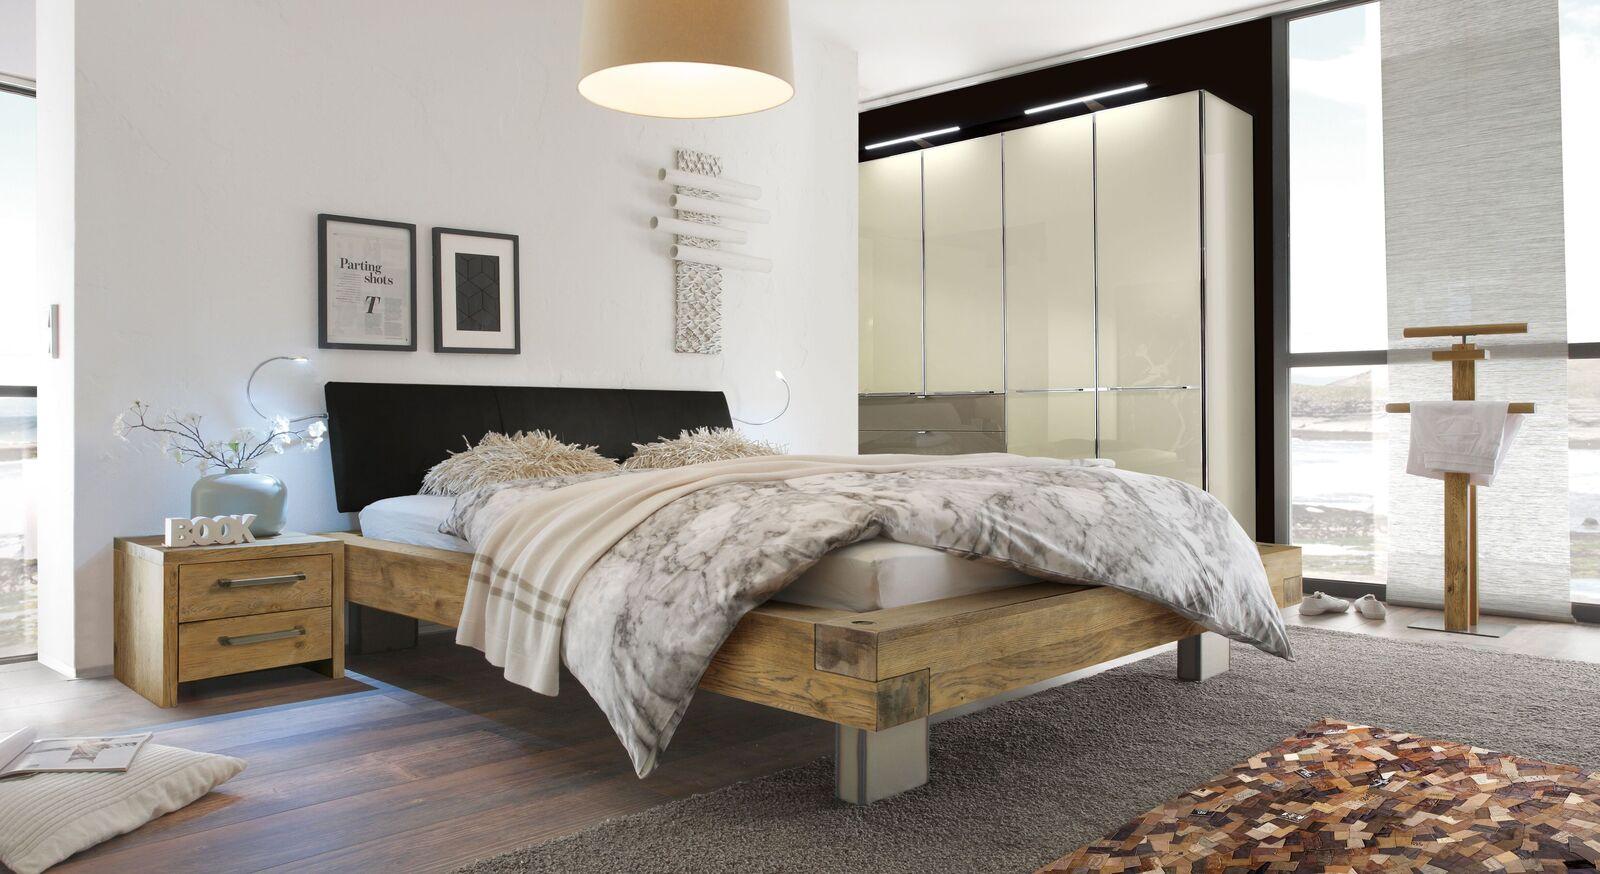 Bett Kolmar mit passenden Schlafzimmermöbeln